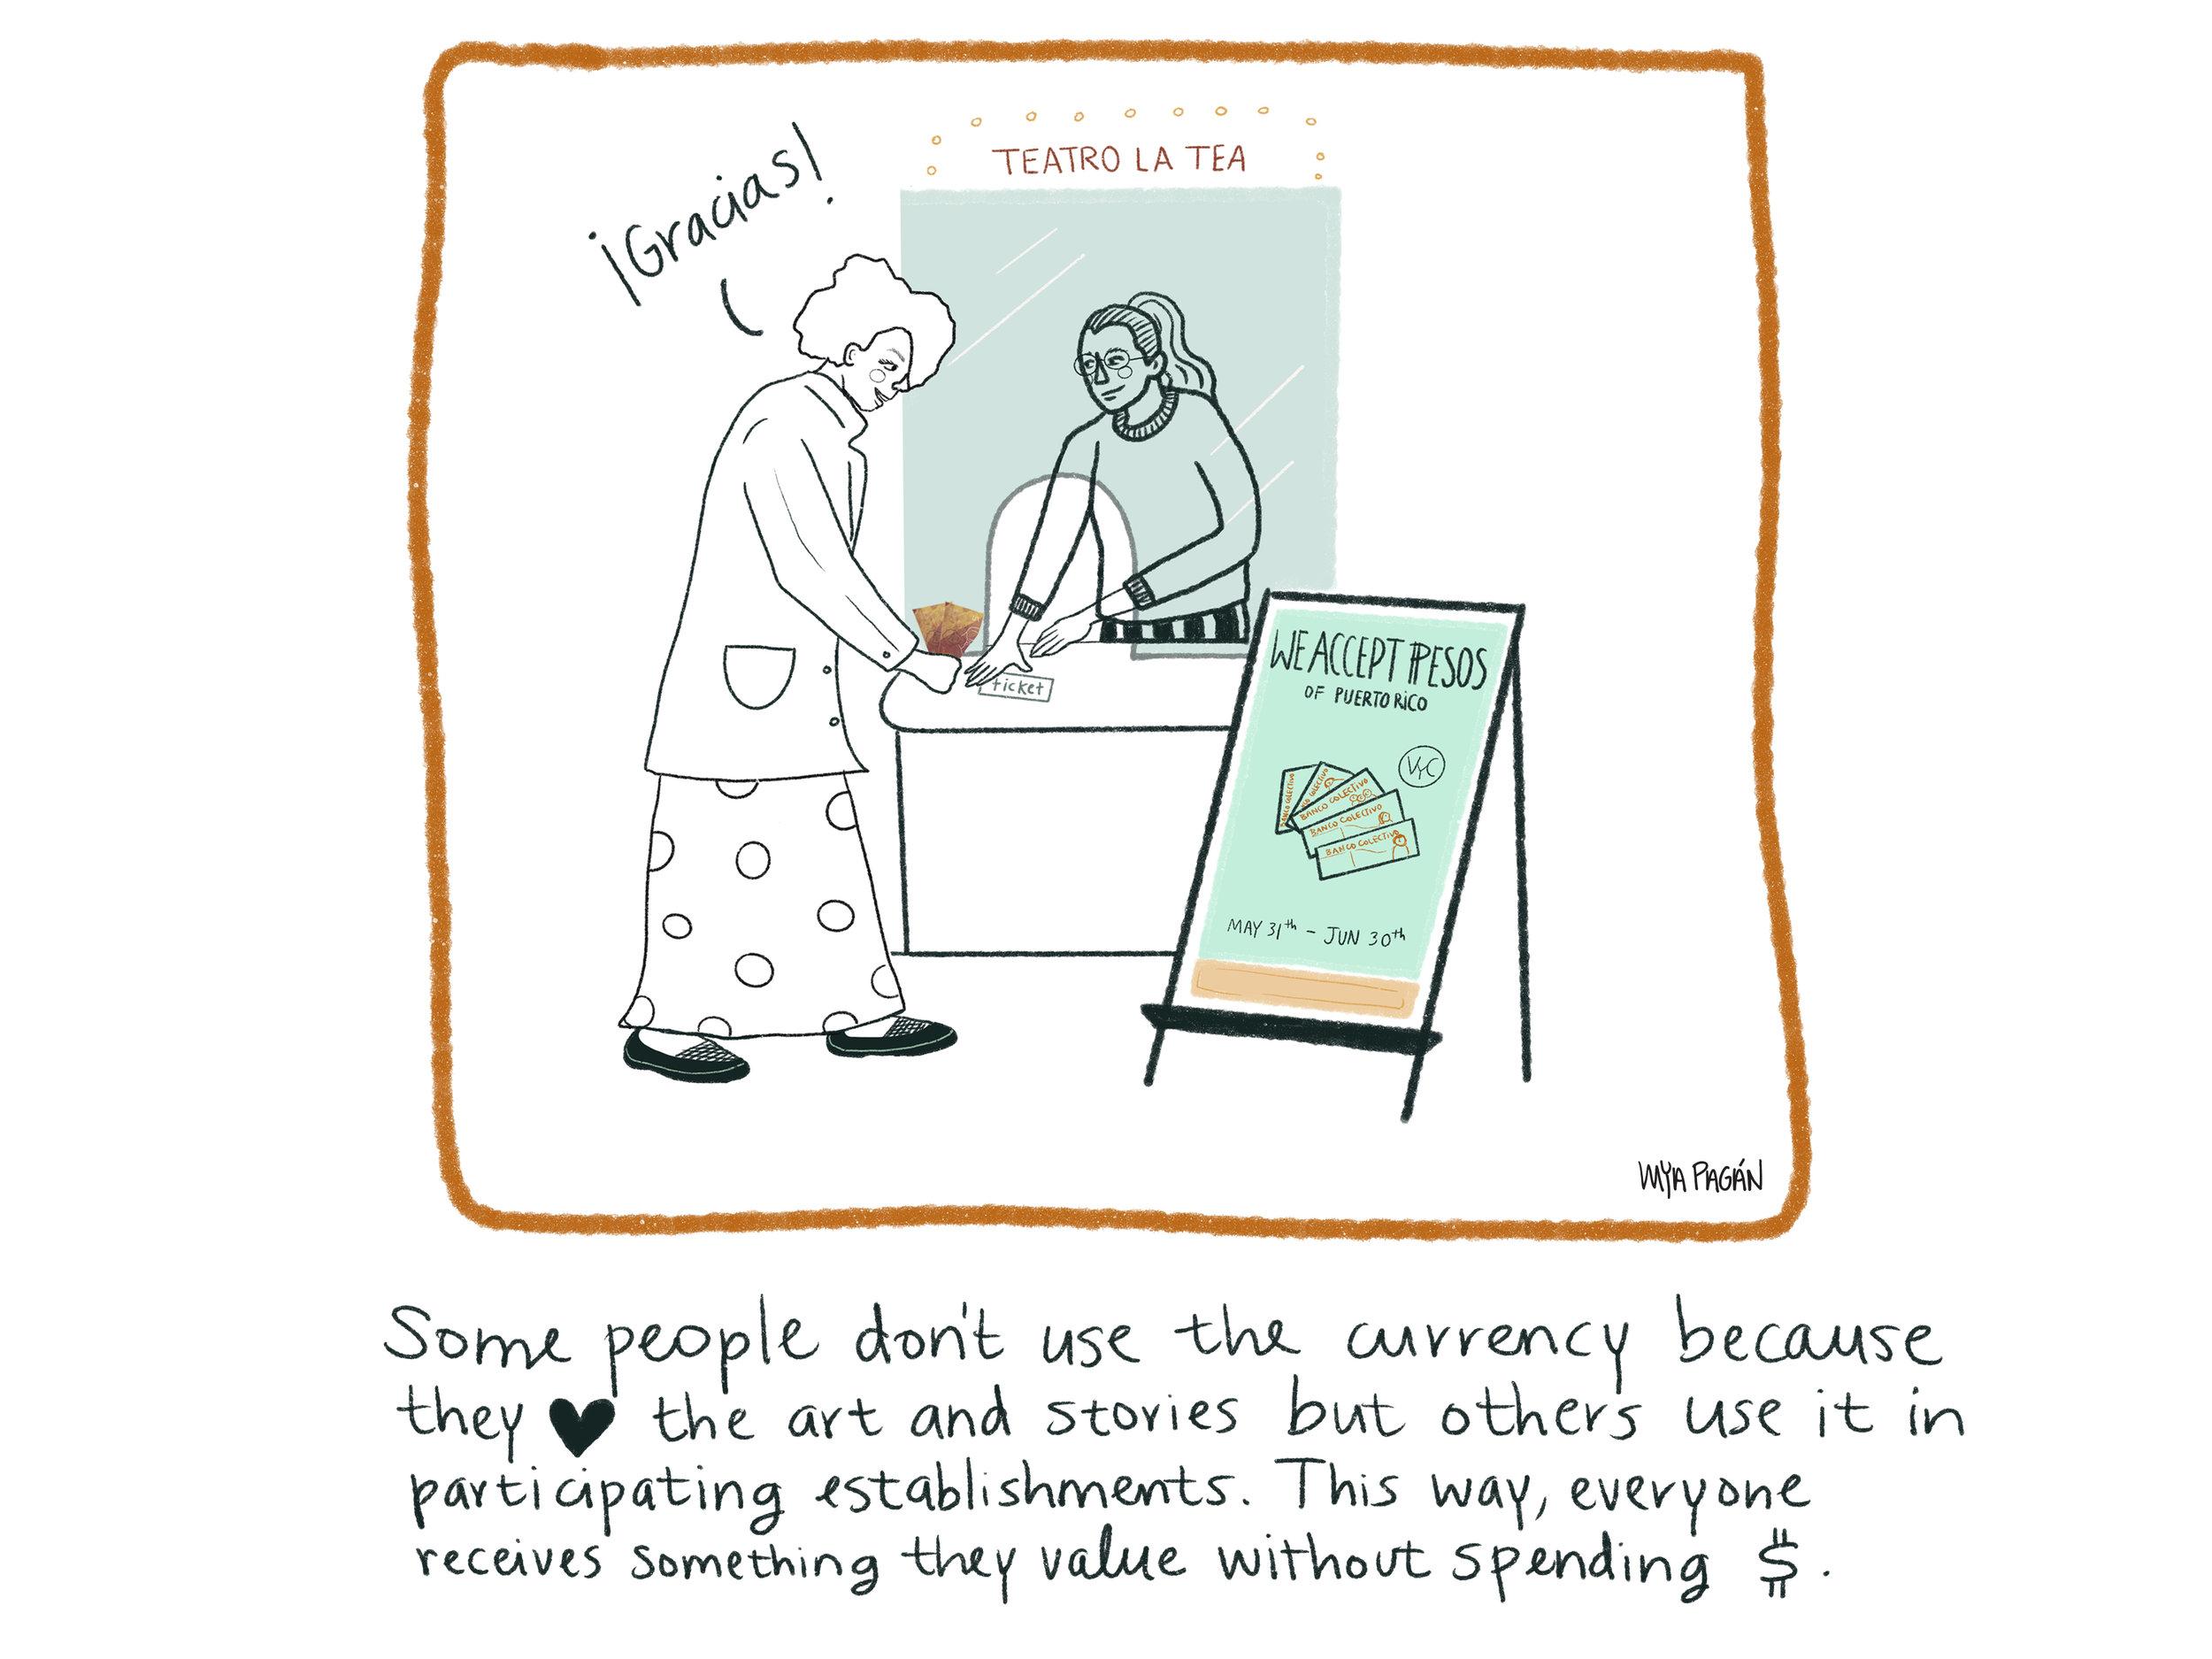 5-using pesos & text.jpg